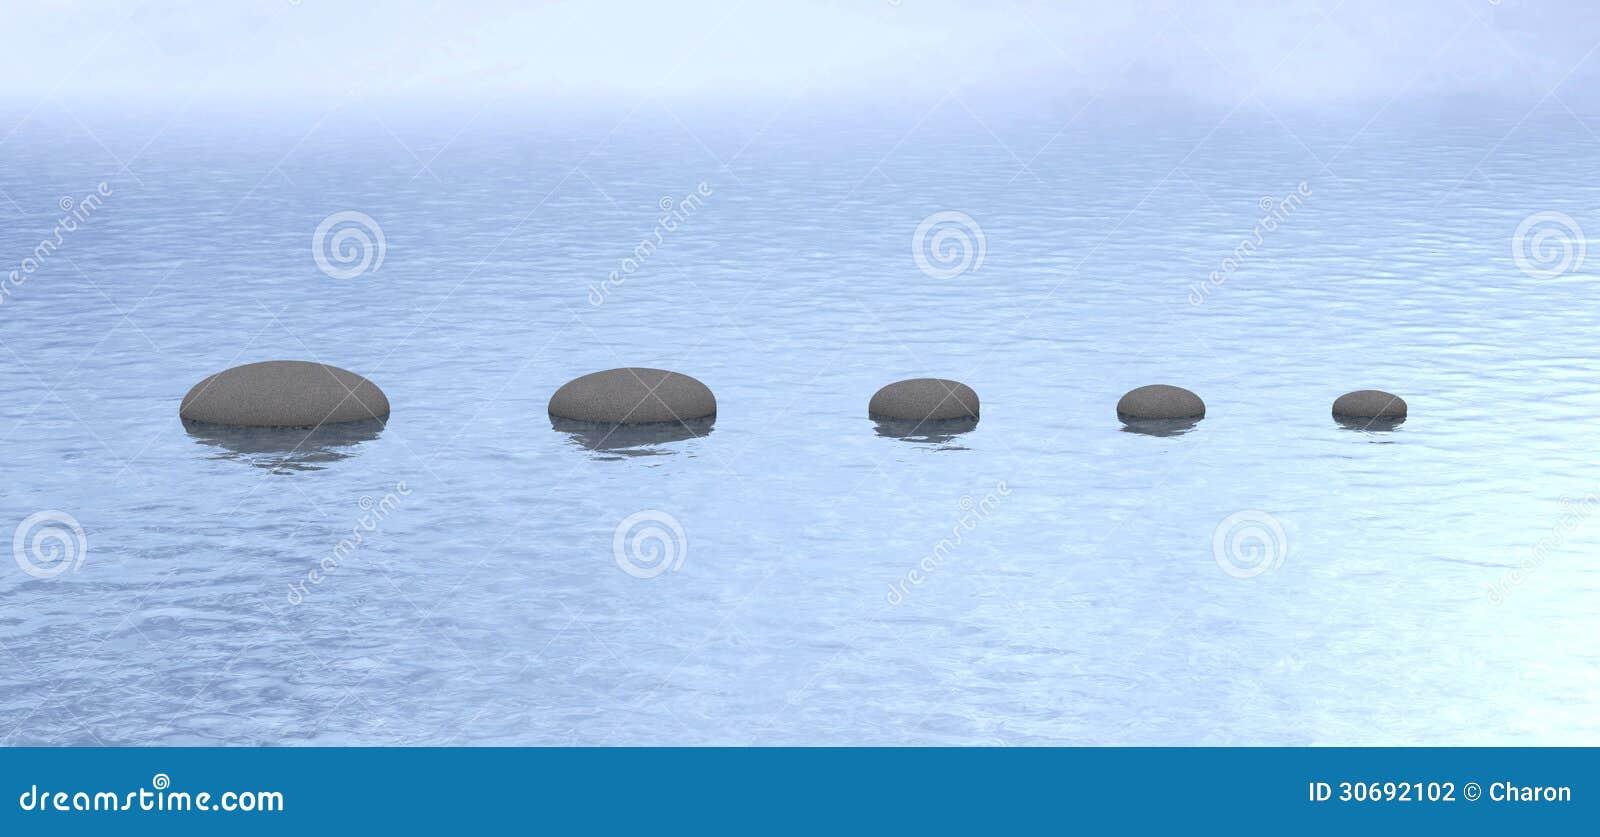 Kamienna ścieżka pokoju woda